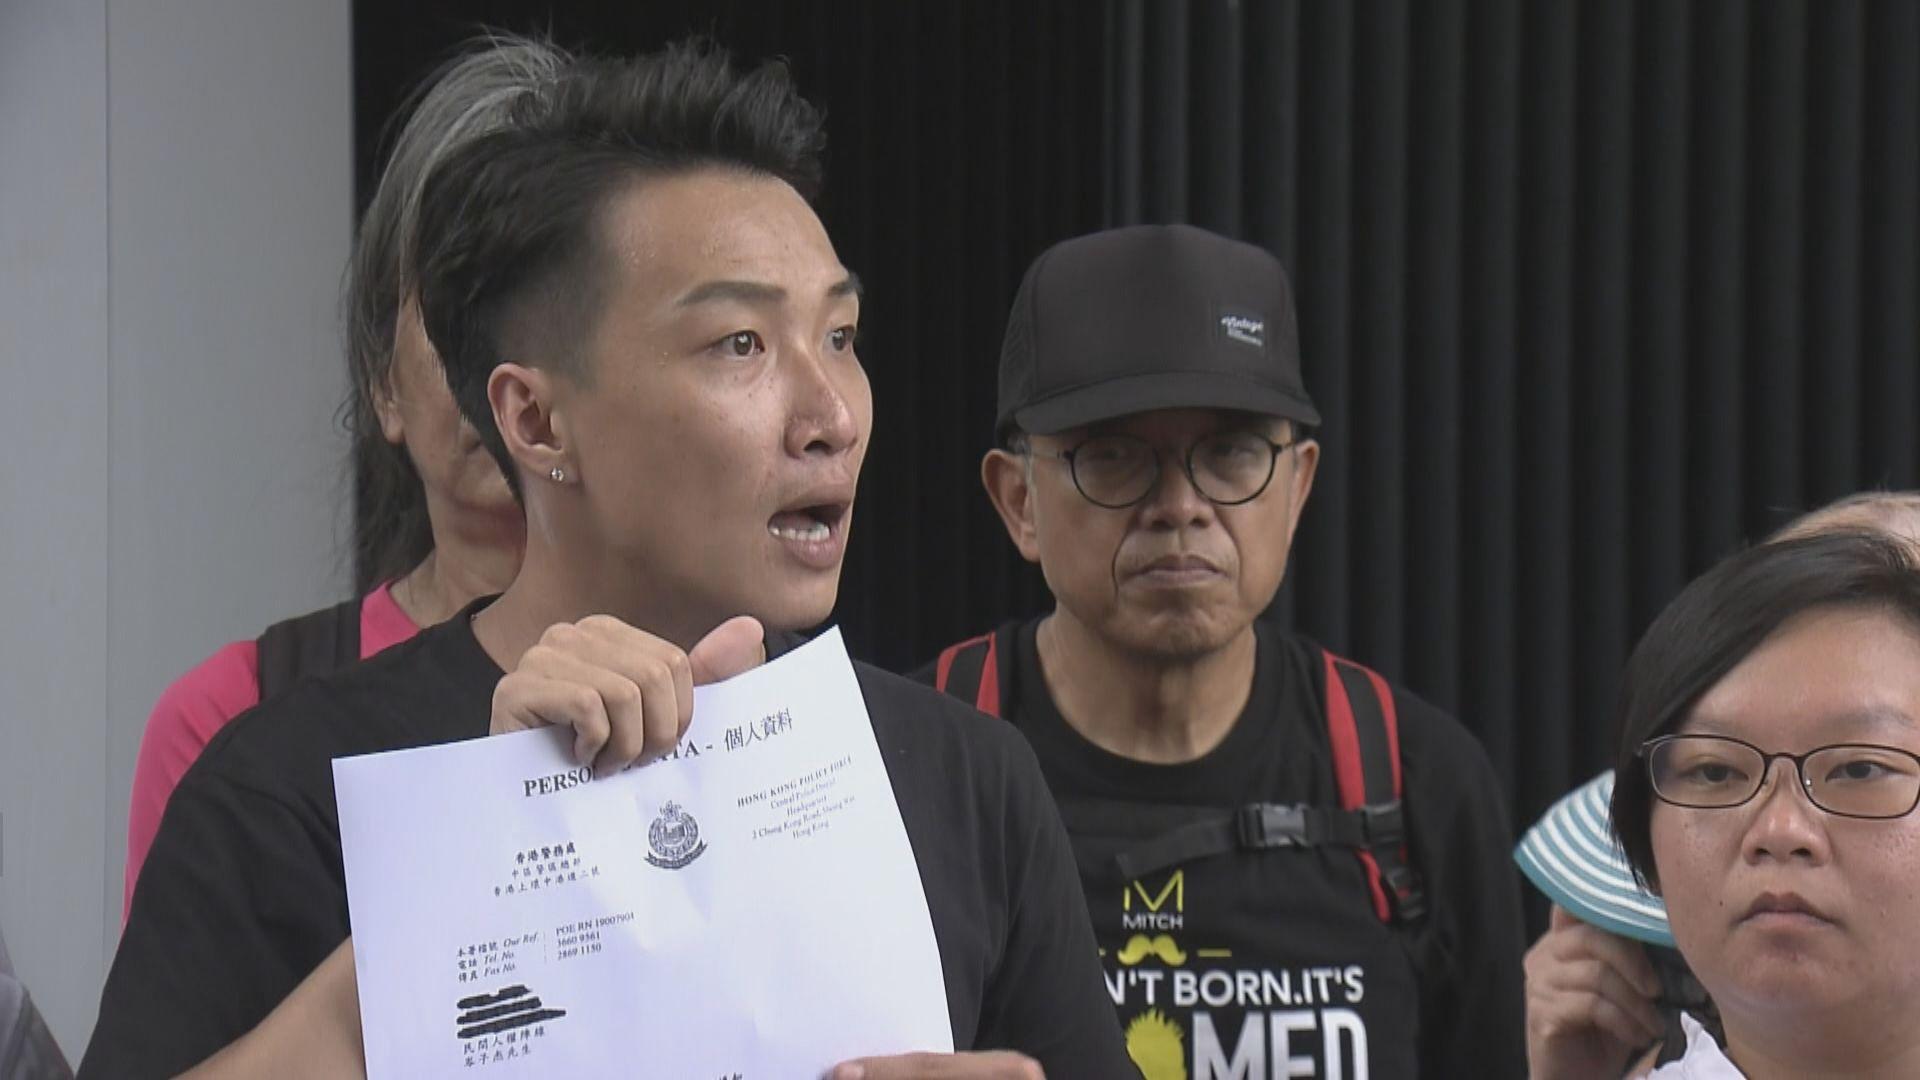 岑子杰:警將612定性暴動 將就警方當日行動提司法覆核